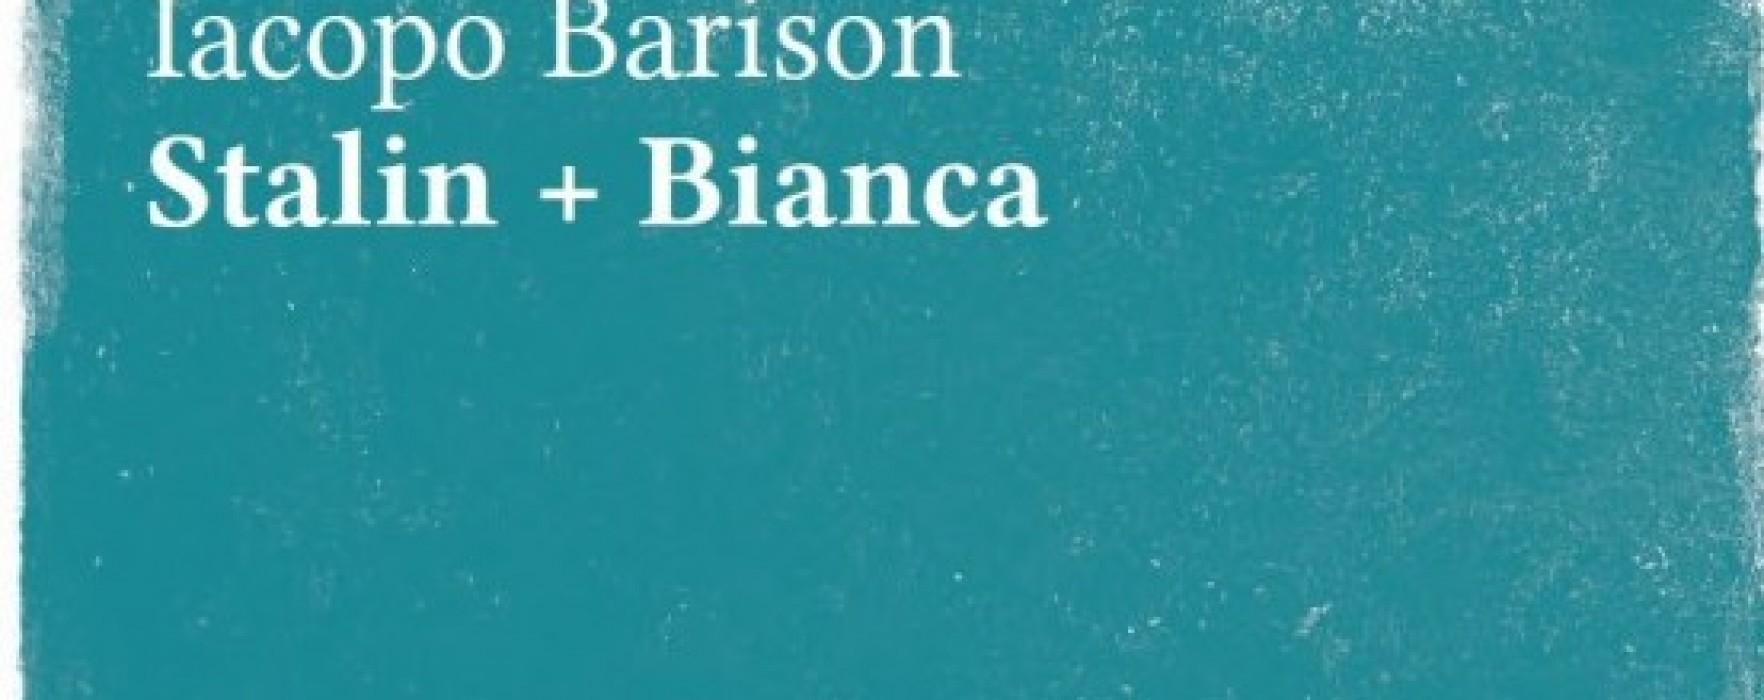 """""""Stalin + Bianca"""" di Iacopo Barison. Quando gioventù fa rima con emarginazione"""